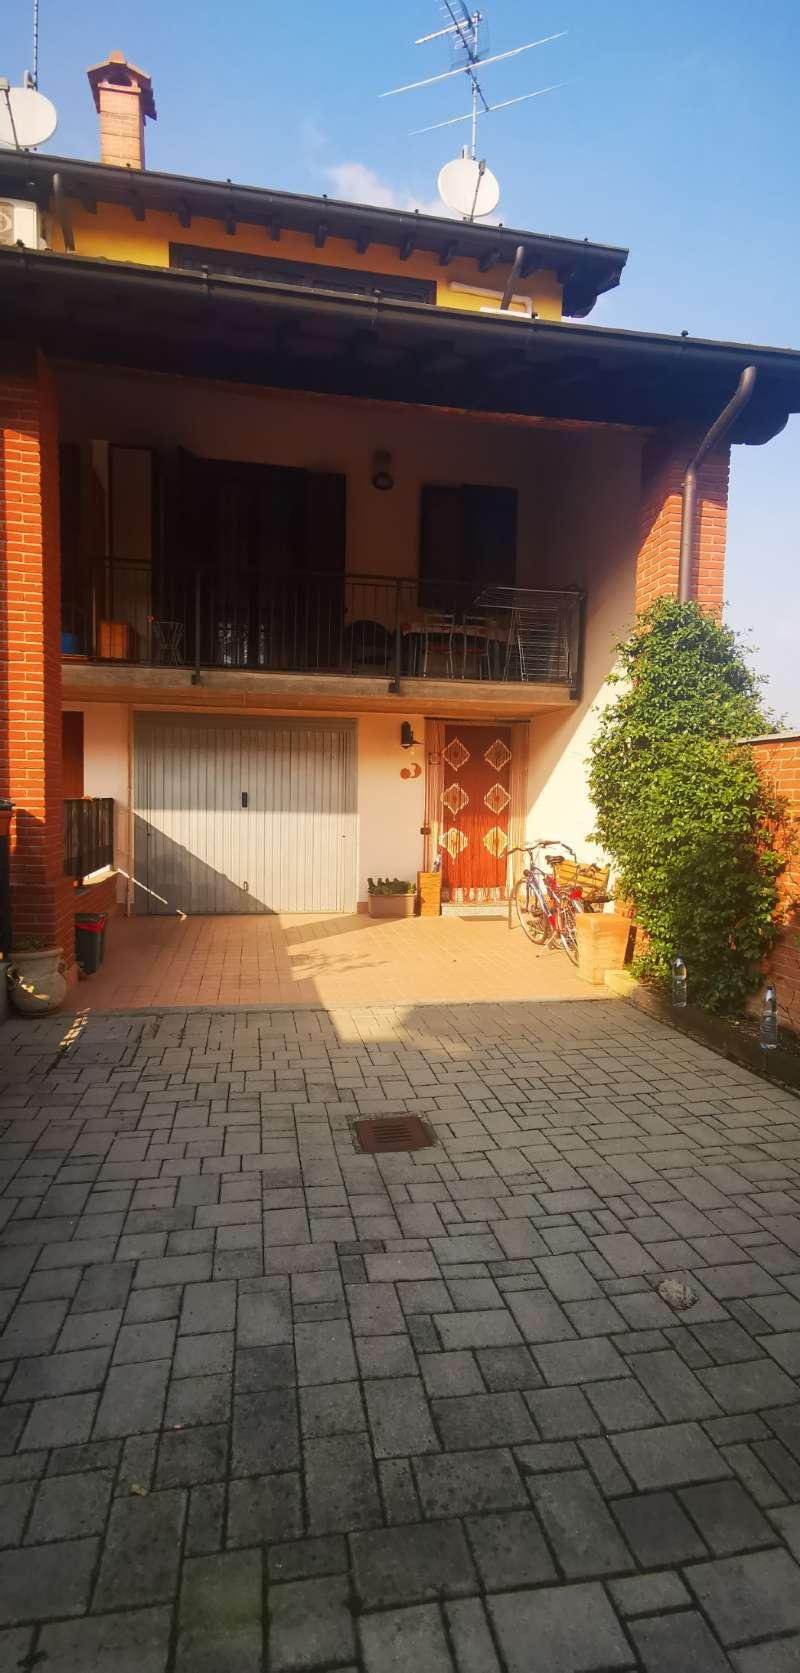 Villa in vendita a Cremosano, 3 locali, prezzo € 158.000 | PortaleAgenzieImmobiliari.it